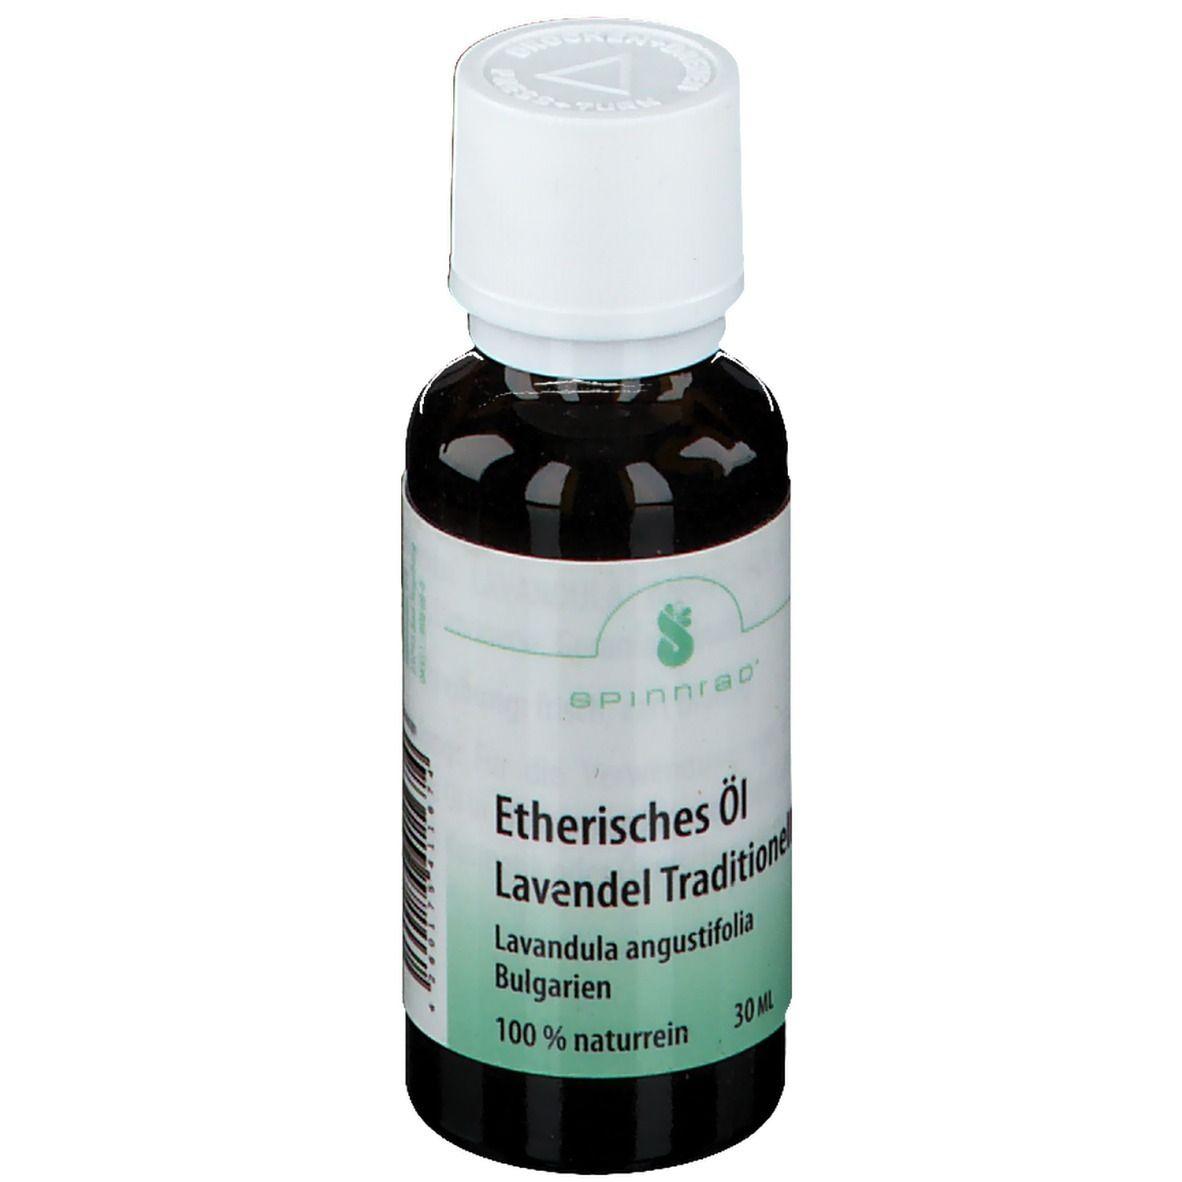 Spinnrad® Etherisches Öl Lavendel traditionell 100% naturrein